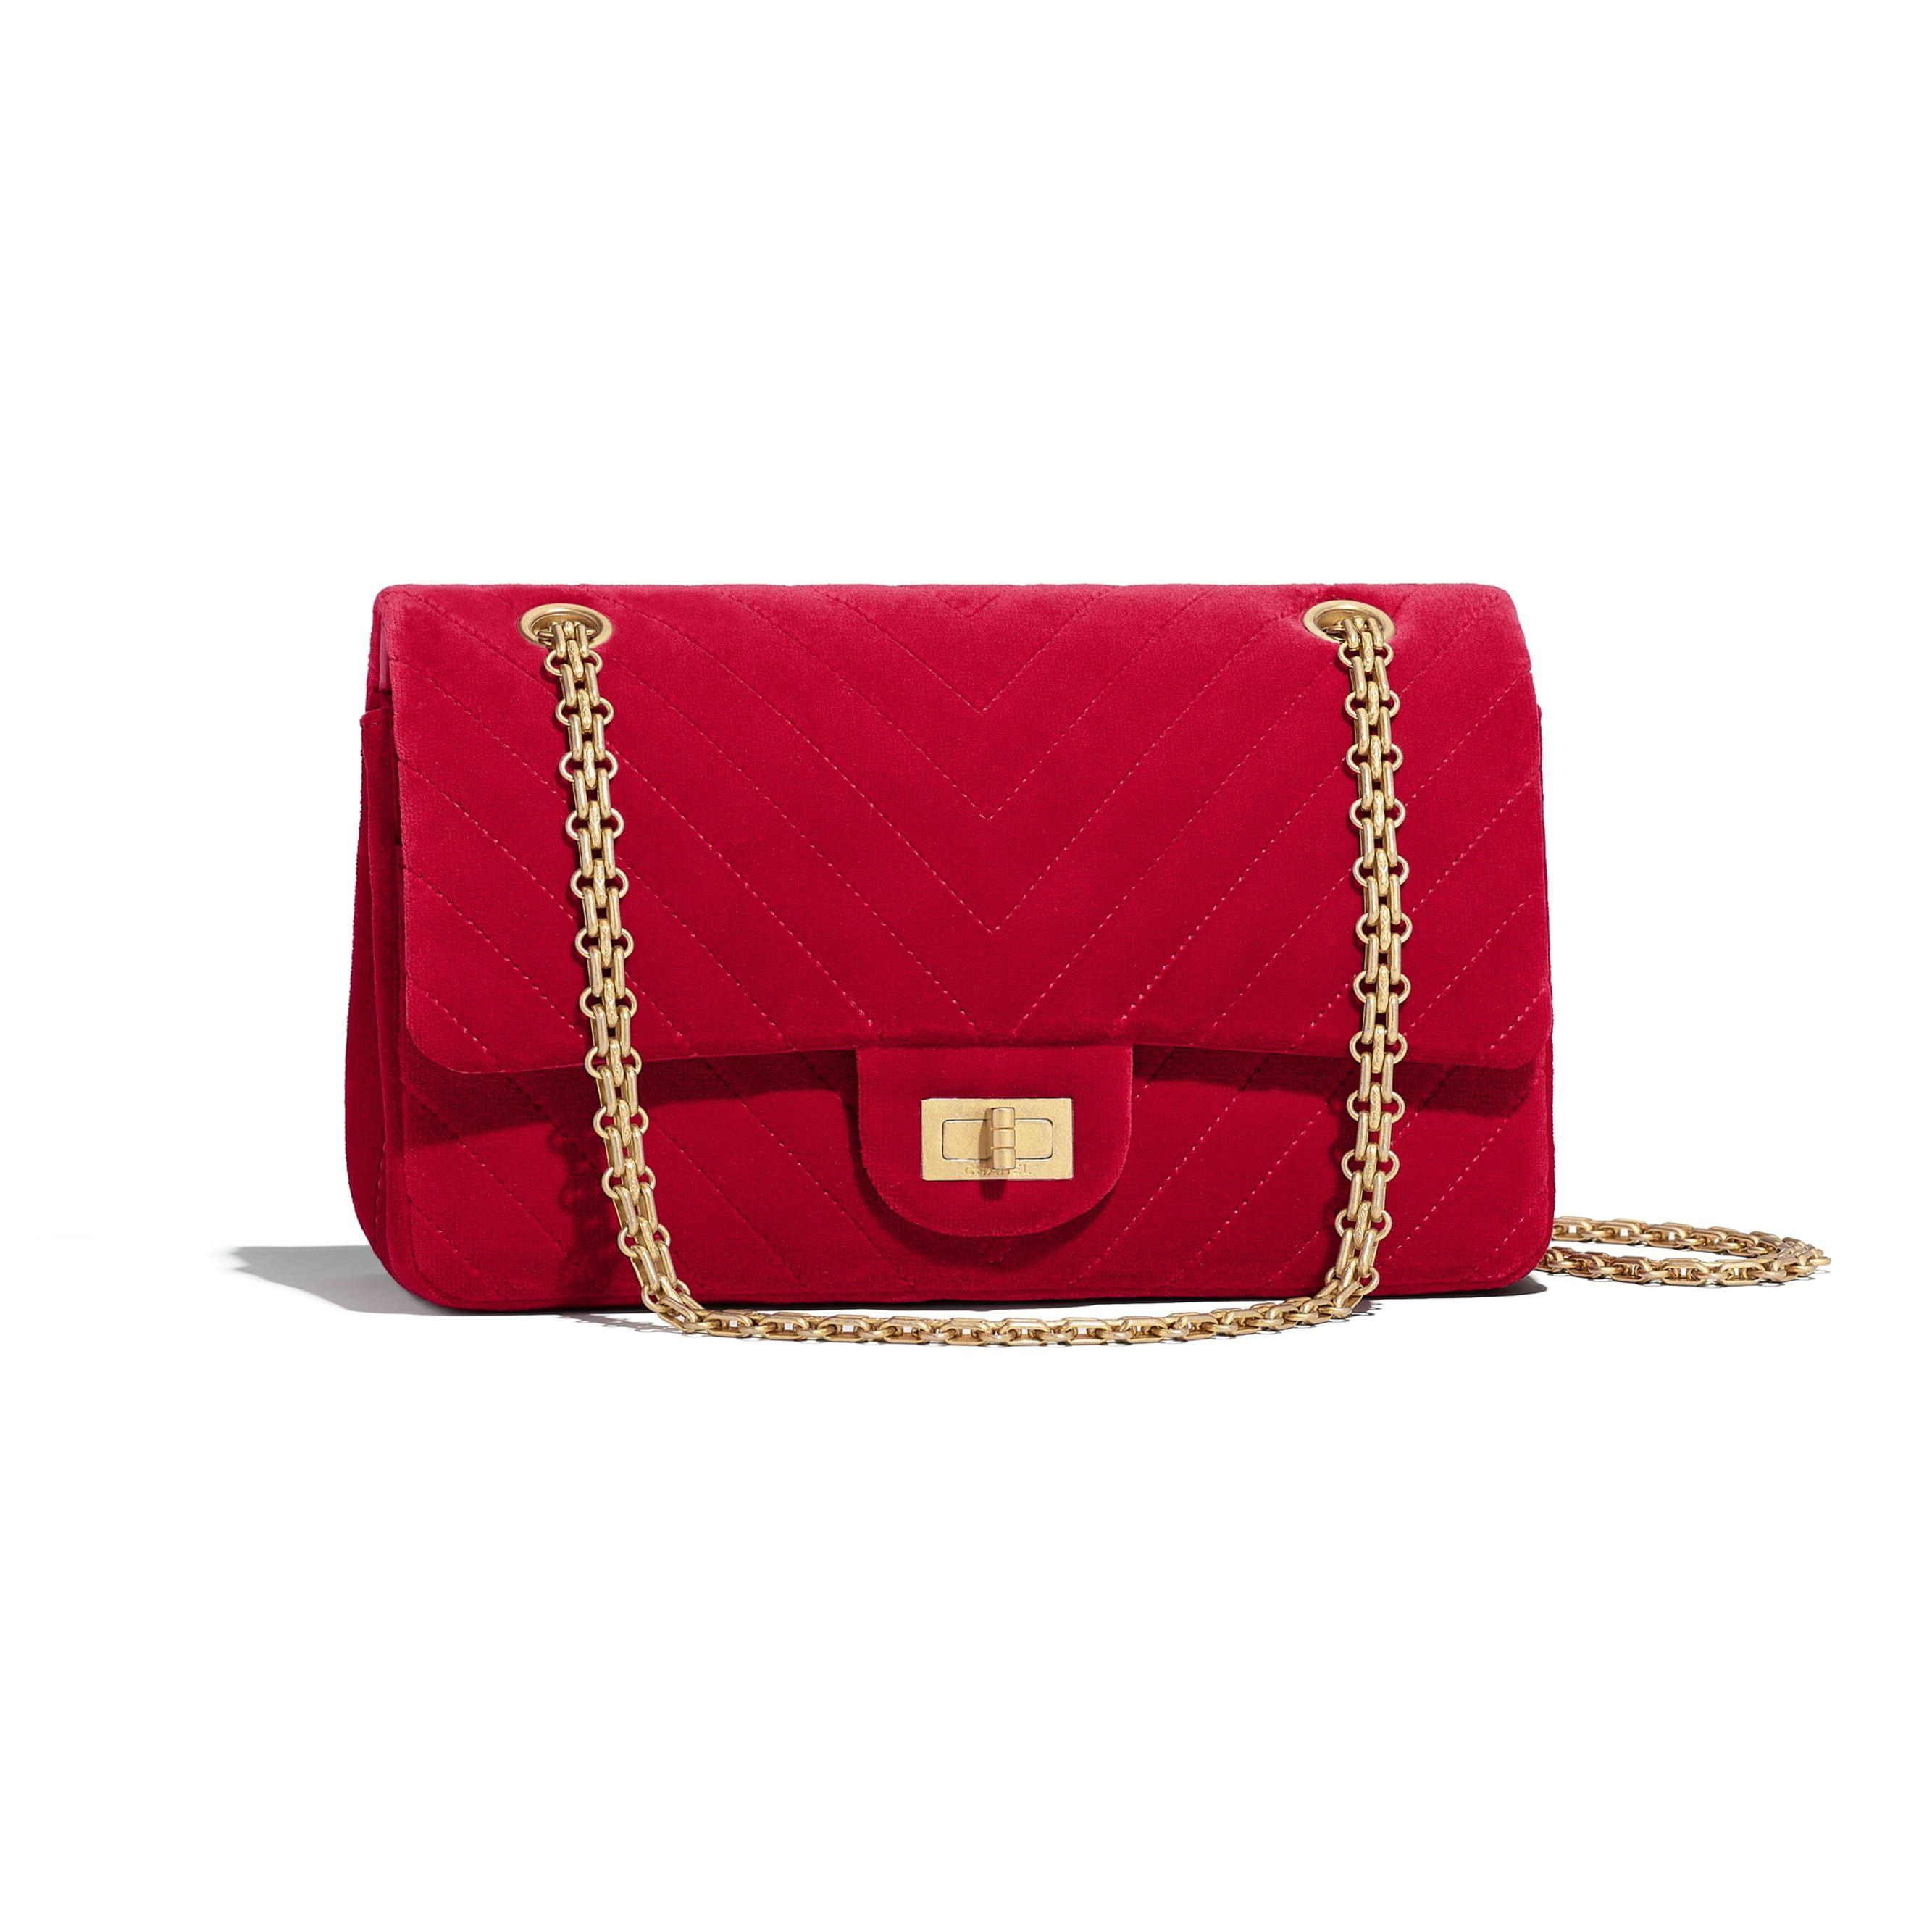 fd78cb060472 Velvet   Gold-Tone Metal Red 2.55 Handbag